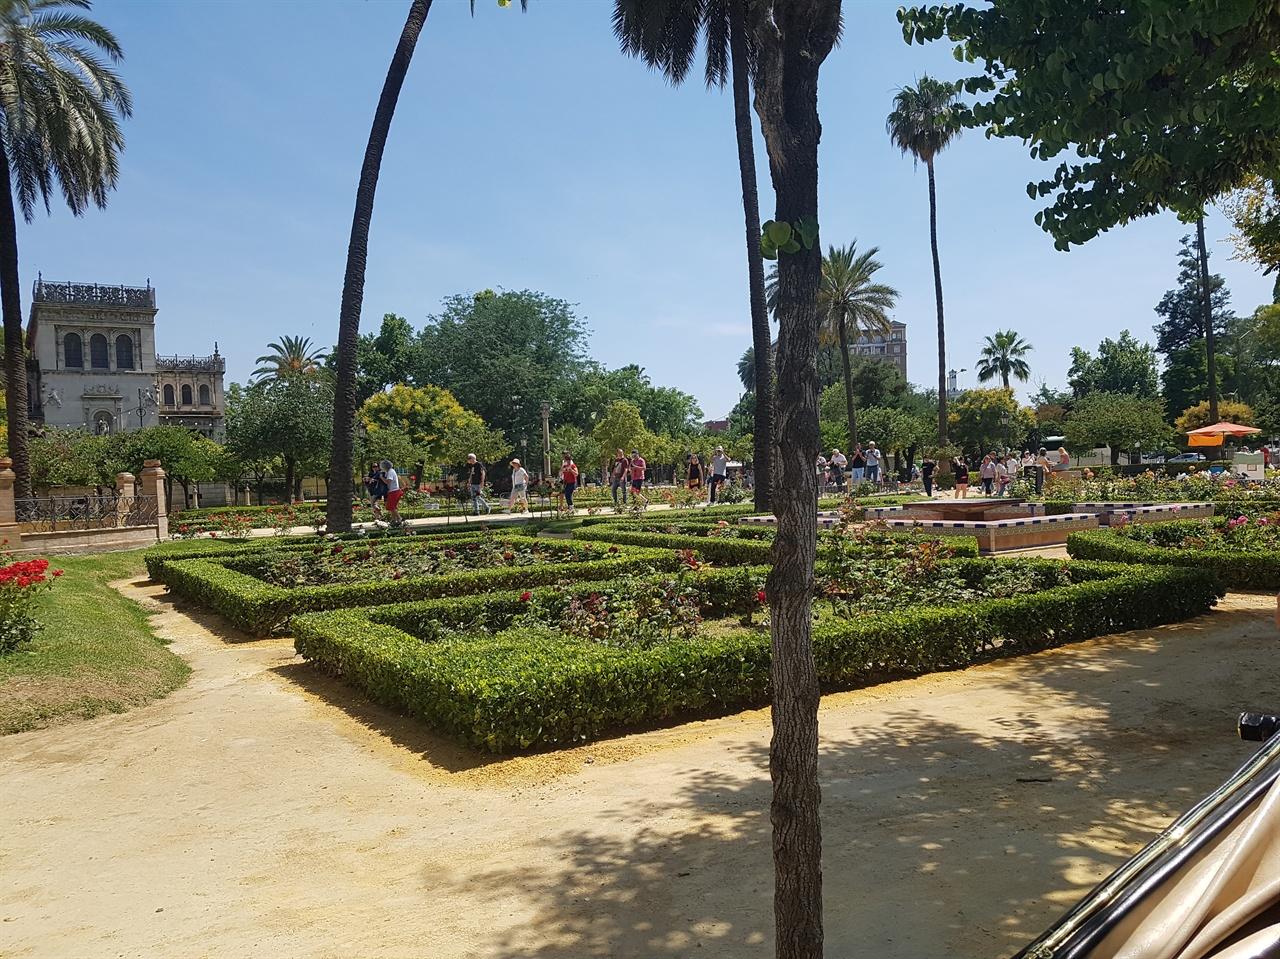 마리아 루이사 공원. 세비야 시민들의 휴식공간으로 아름다운 정원이 참 보기 좋았습니다. 고고학박물관, 토속박물관이 있고, 과달키비르 강가 쪽에는 아쿠아리움도 있습니다.